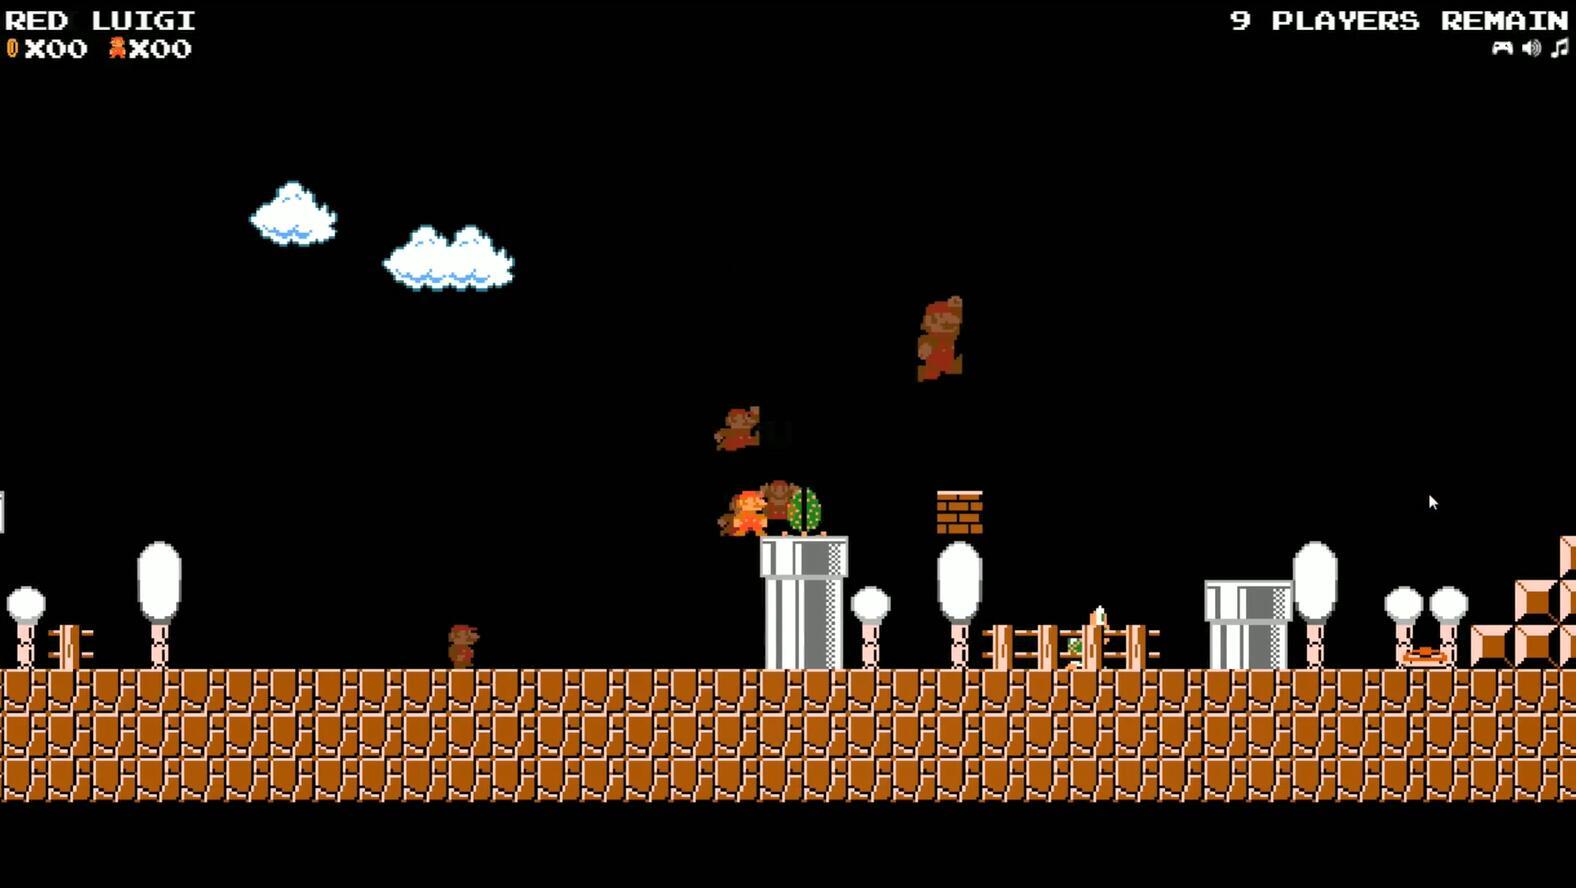 《超级马里奥大逃杀》游戏截图